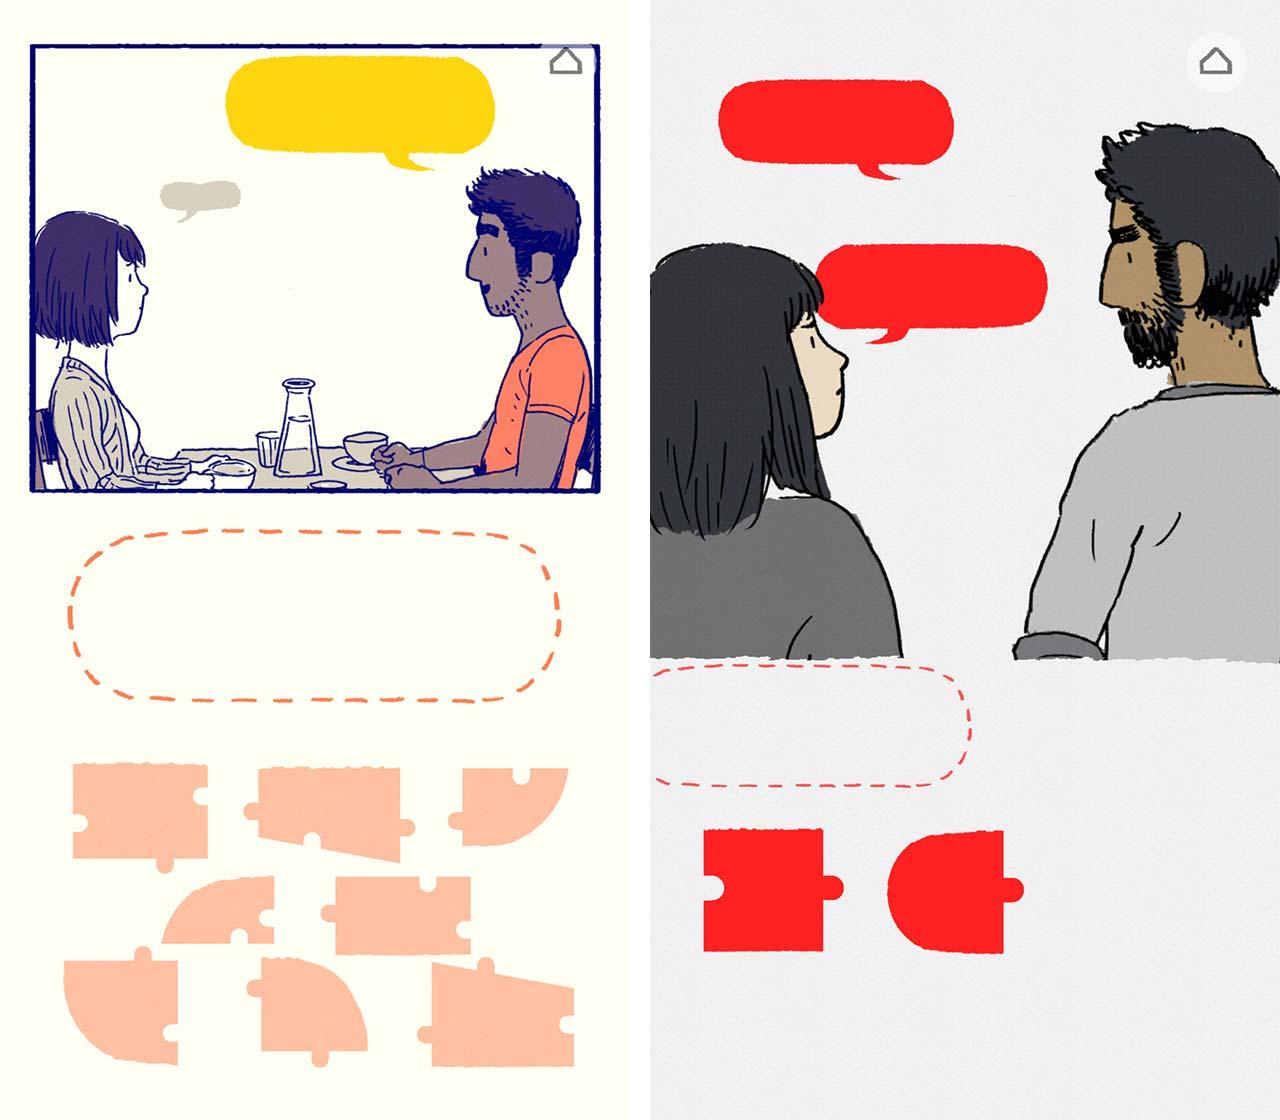 Florence dialogue